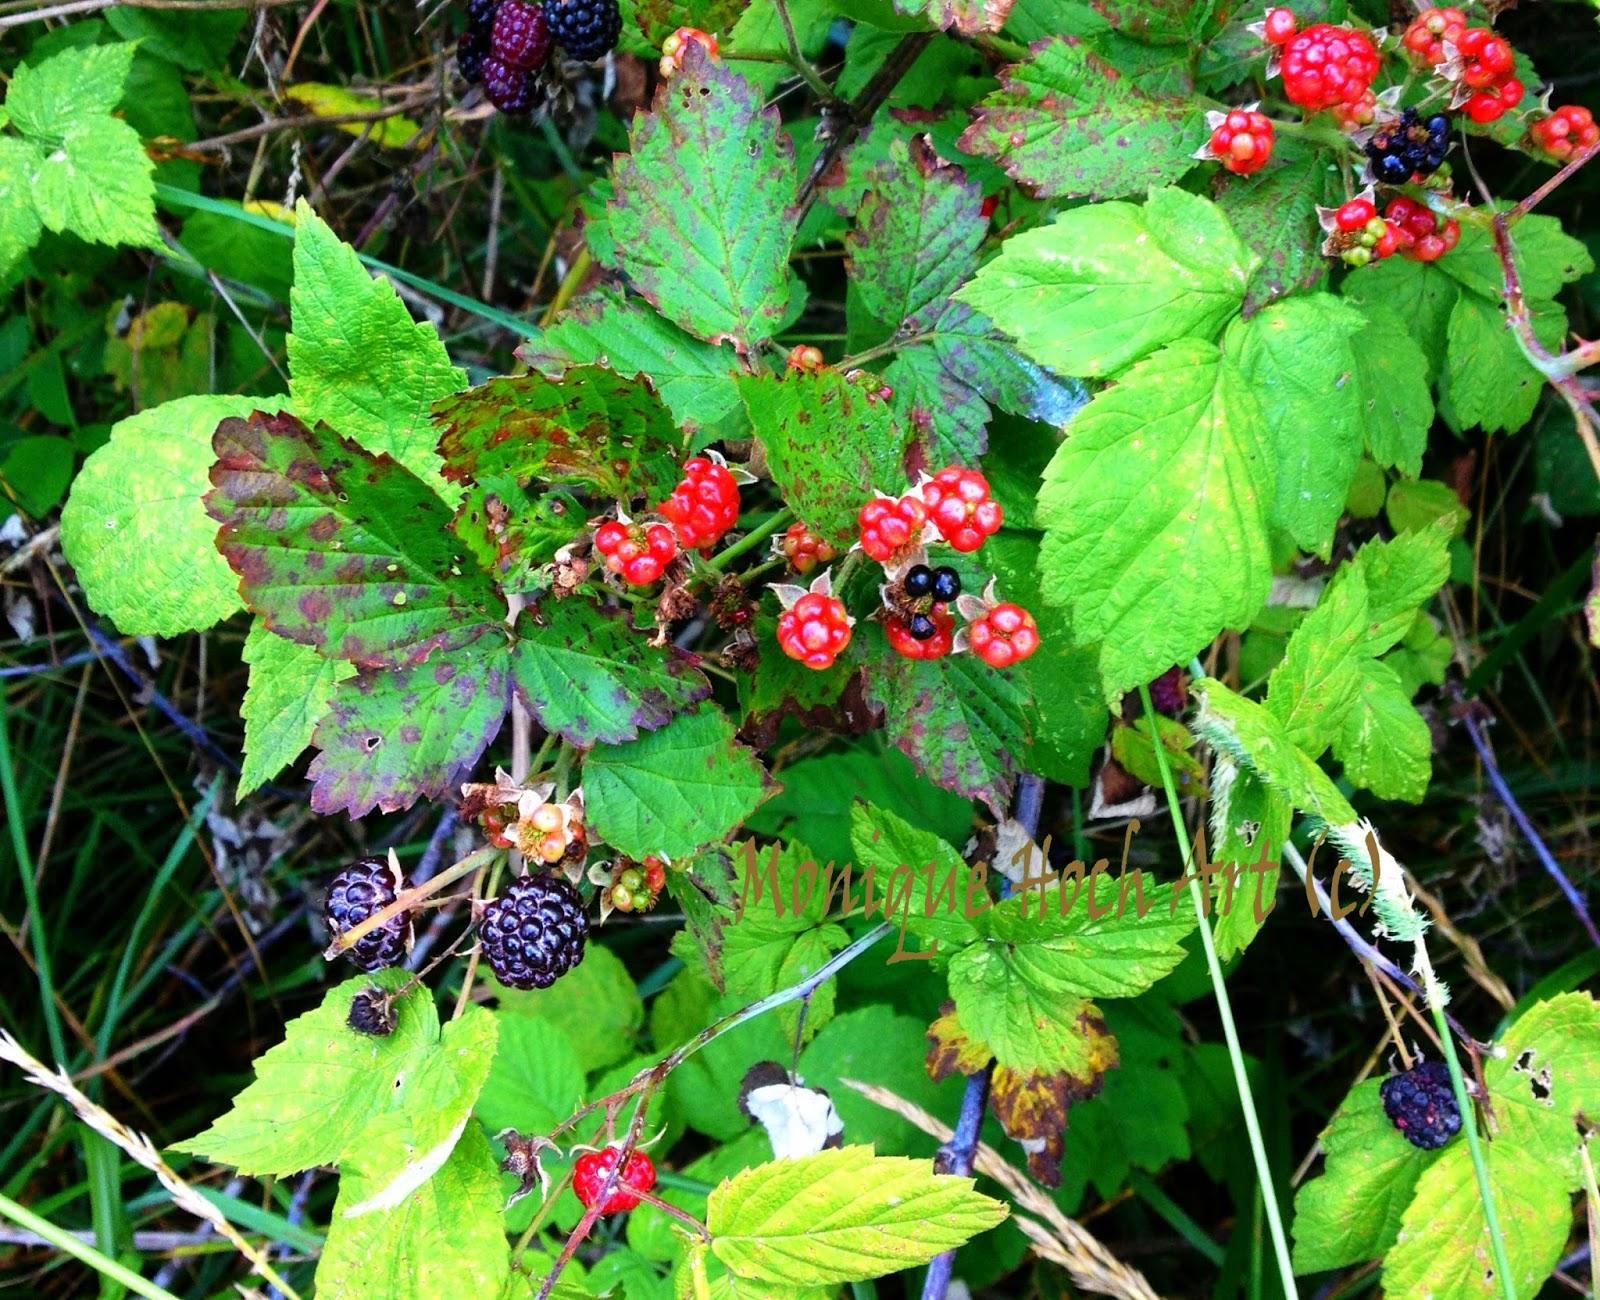 Monique Hoch S Art Blog Wild Raspberries